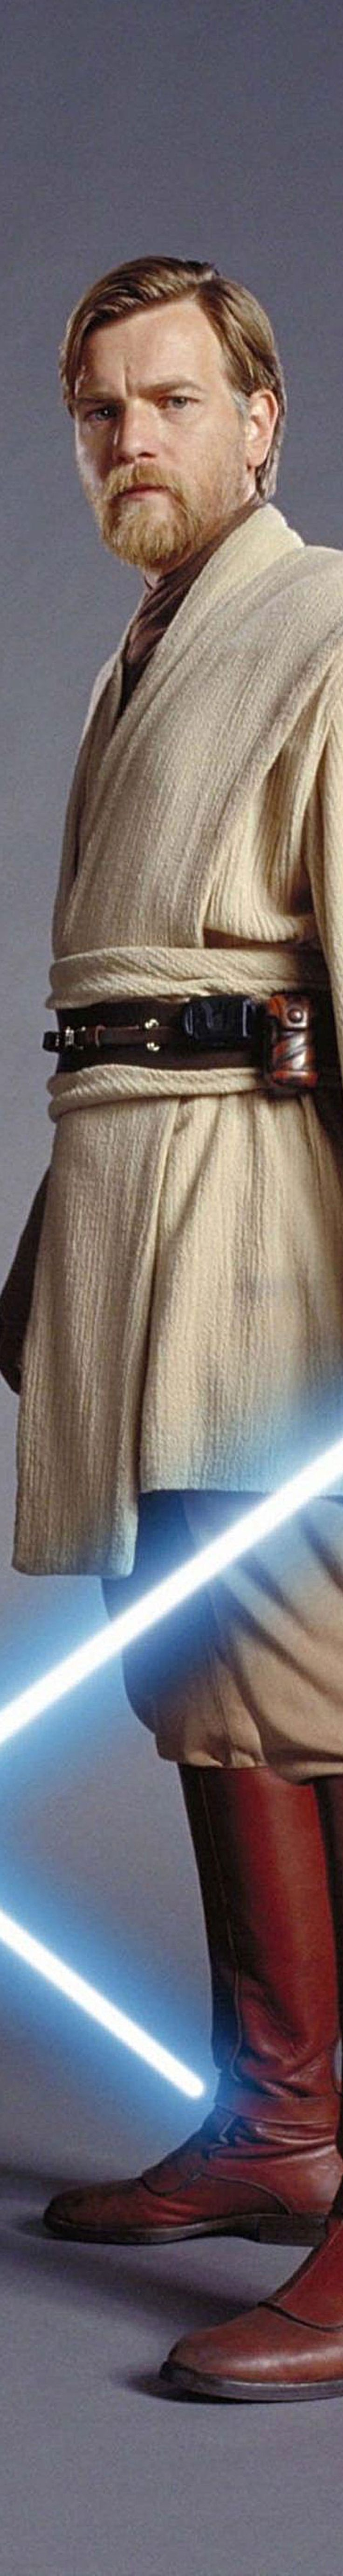 star wars | adworx | princess leia | jedi | sith warrior | Anakin Skywalker | Kenobi